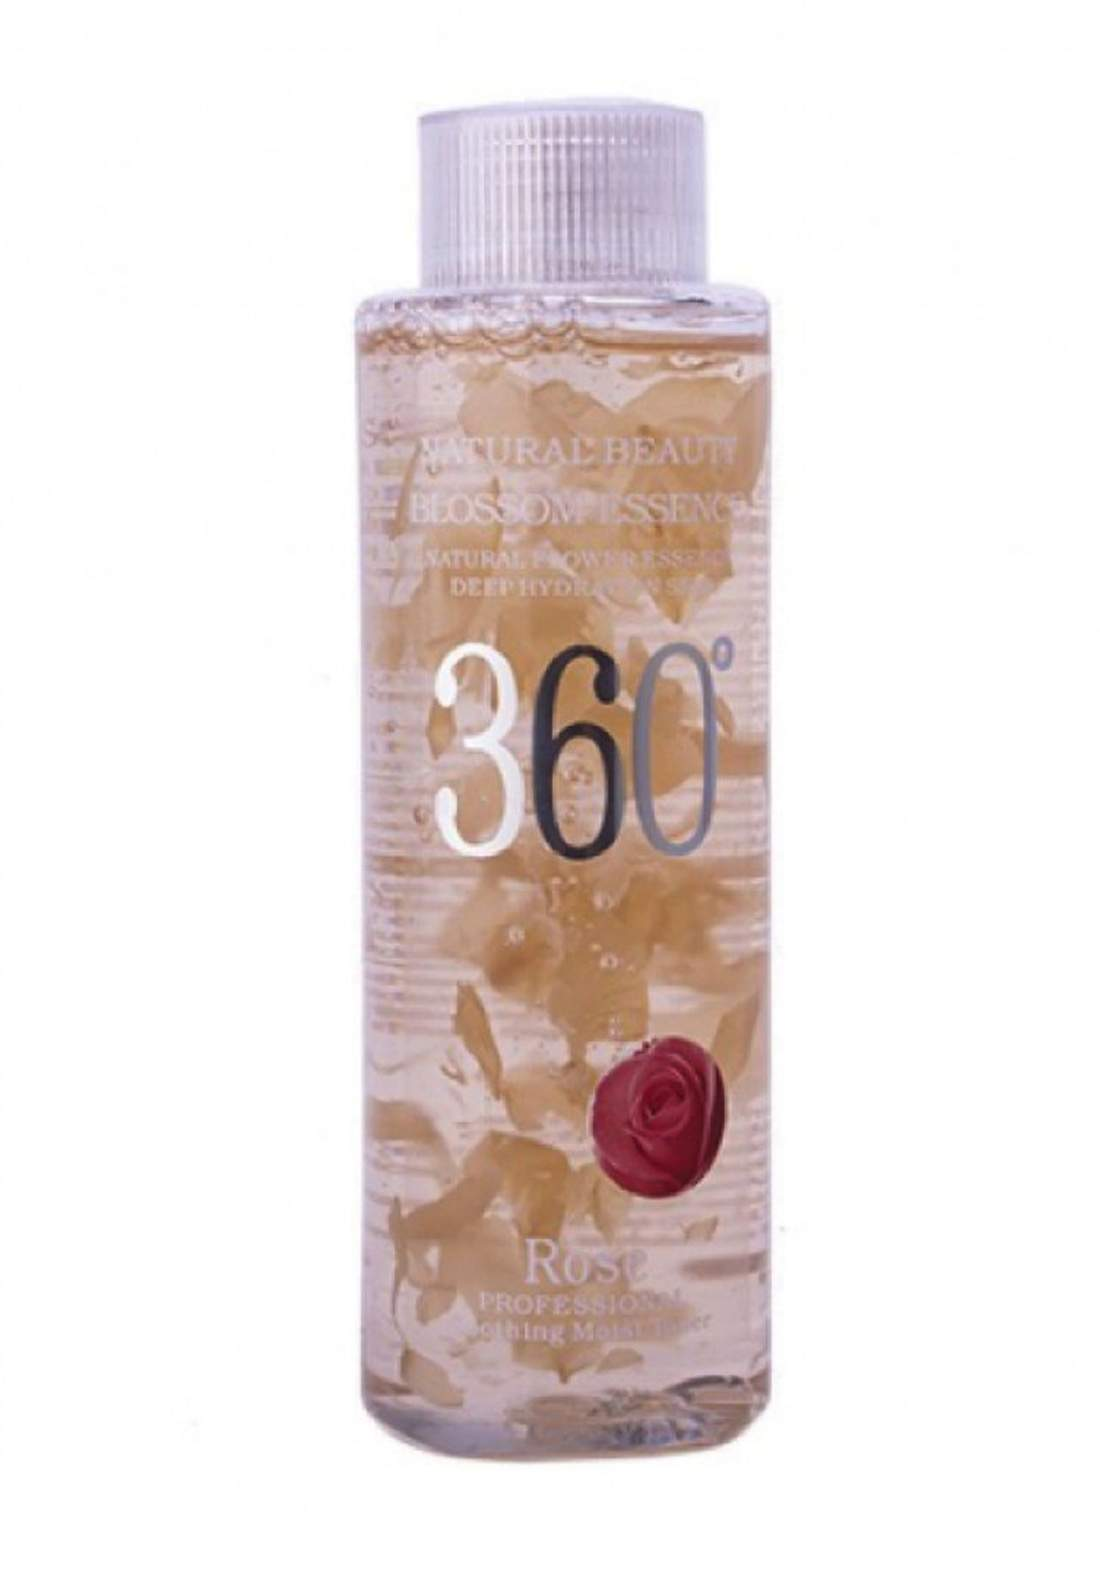 Blossom Essence 360 Rose Toner 400ml تونر للبشرة